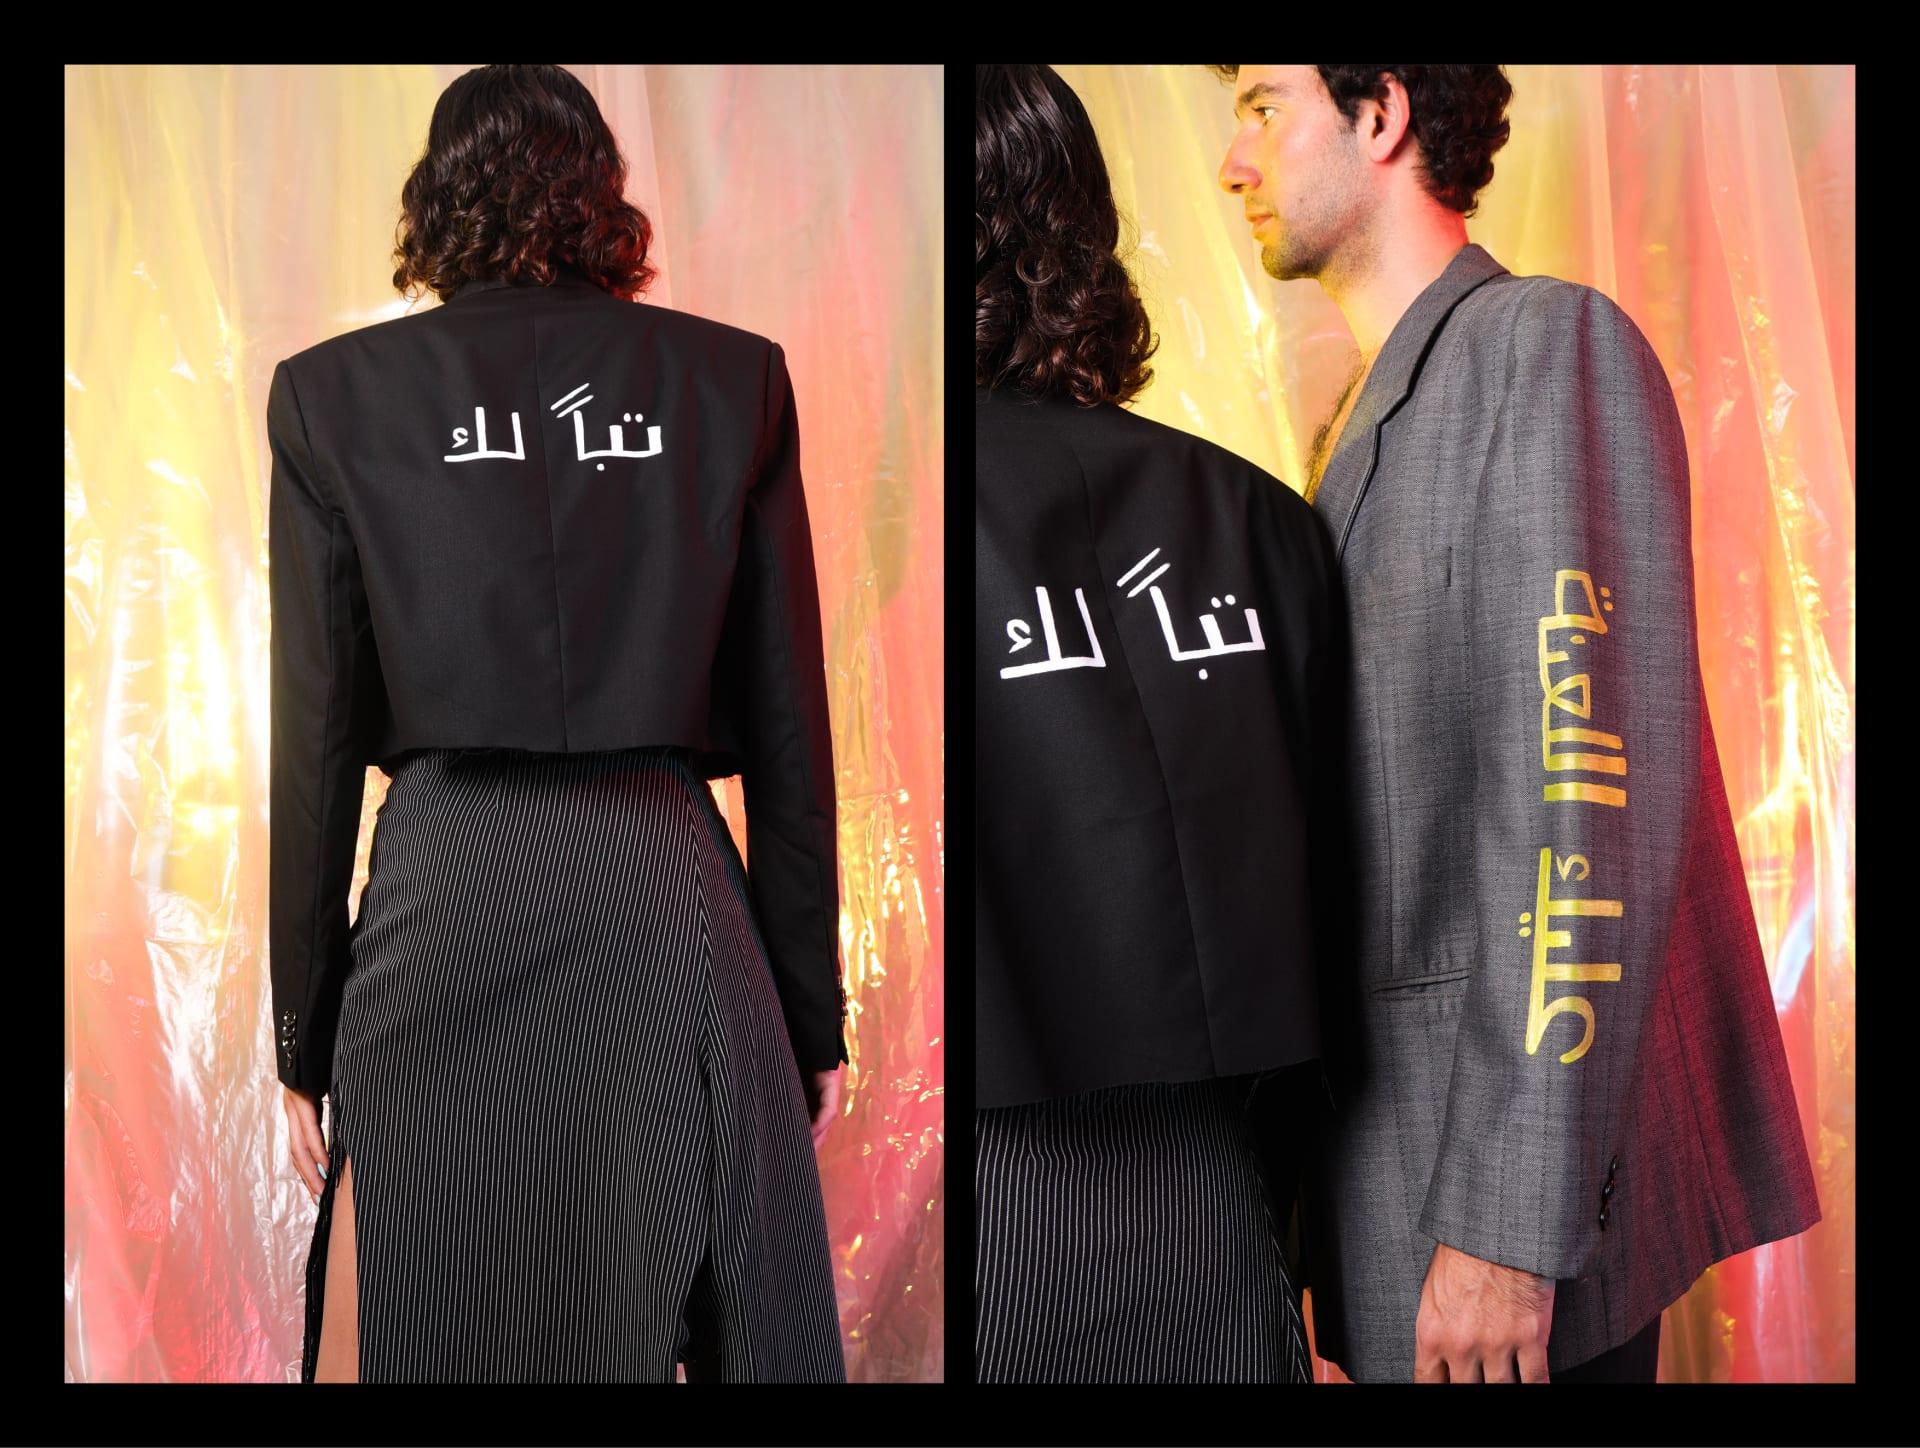 """تصاميم أزياء مصرية تصرخ """"تباً لك"""" و""""عليك اللعنة"""".. ما سر هذه الكلمات؟"""